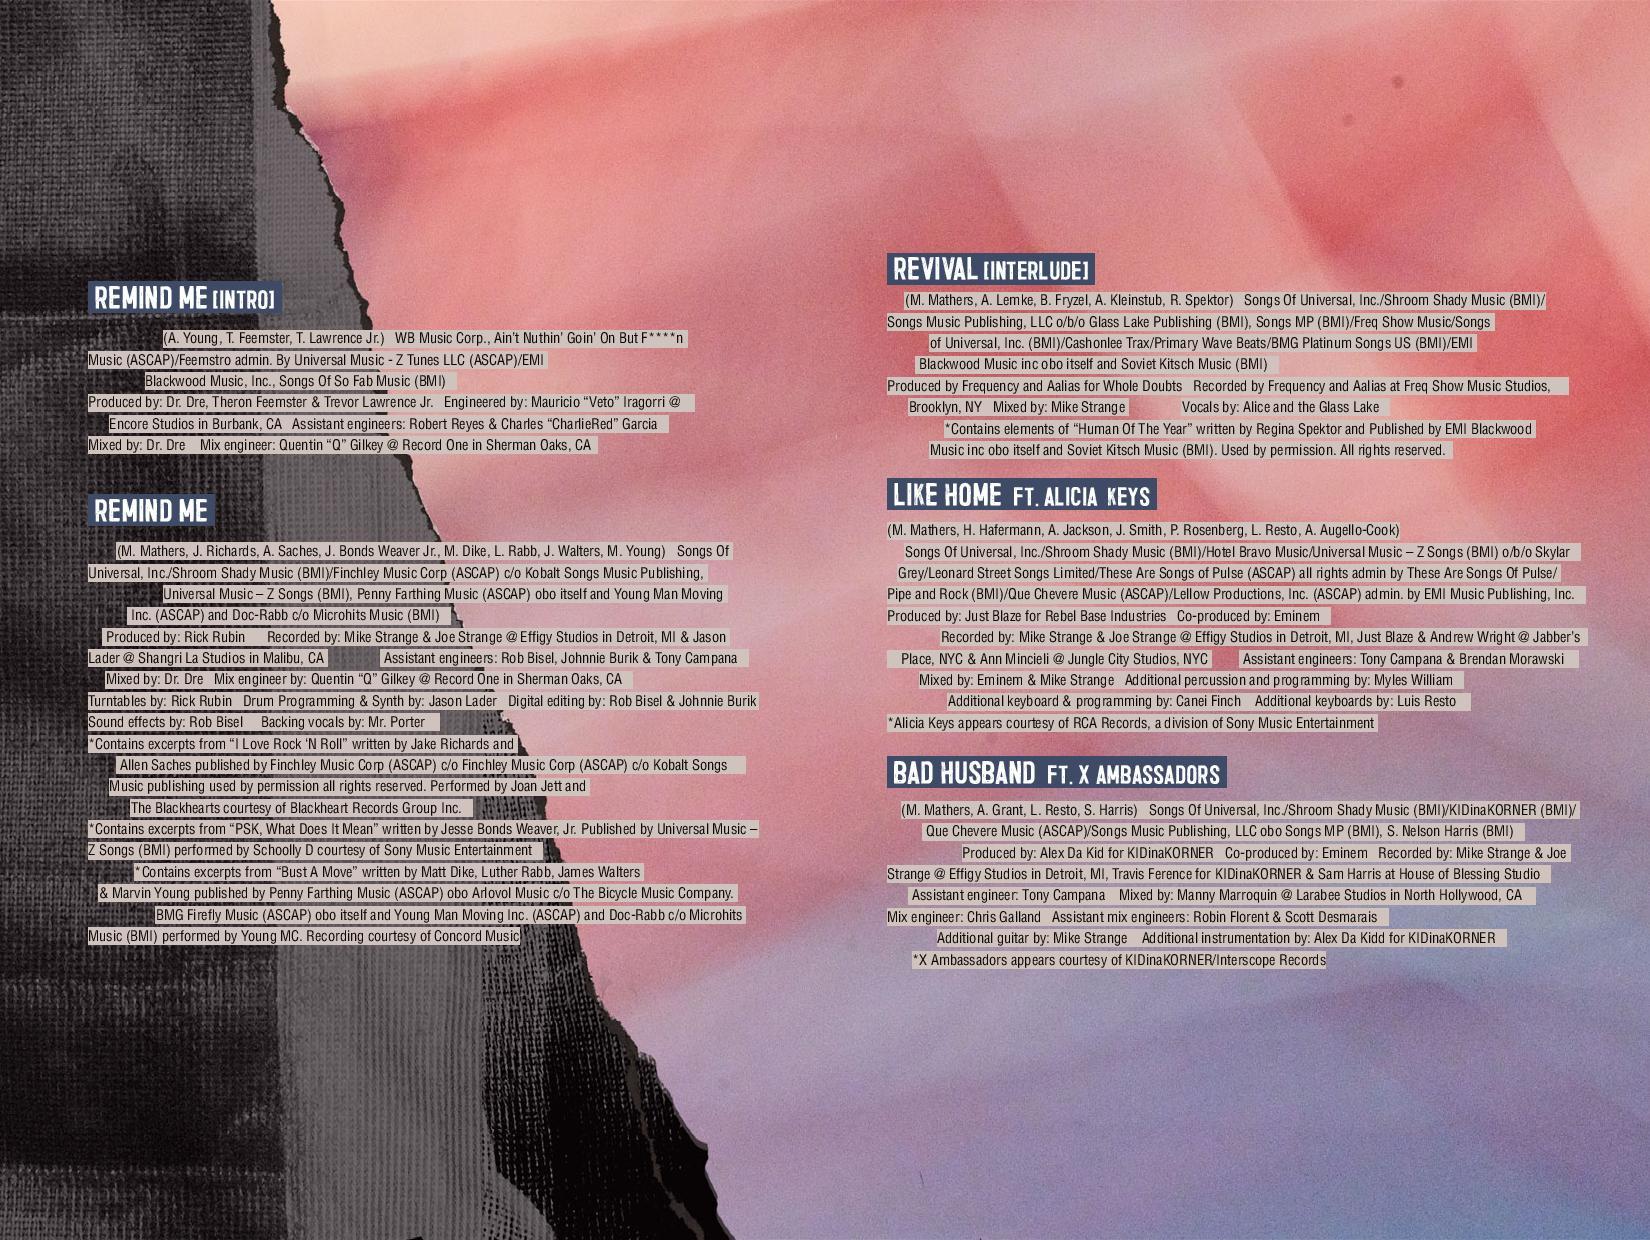 Eminem – 'Revival' (Full Booklet & Production Credits) | HipHop-N-More